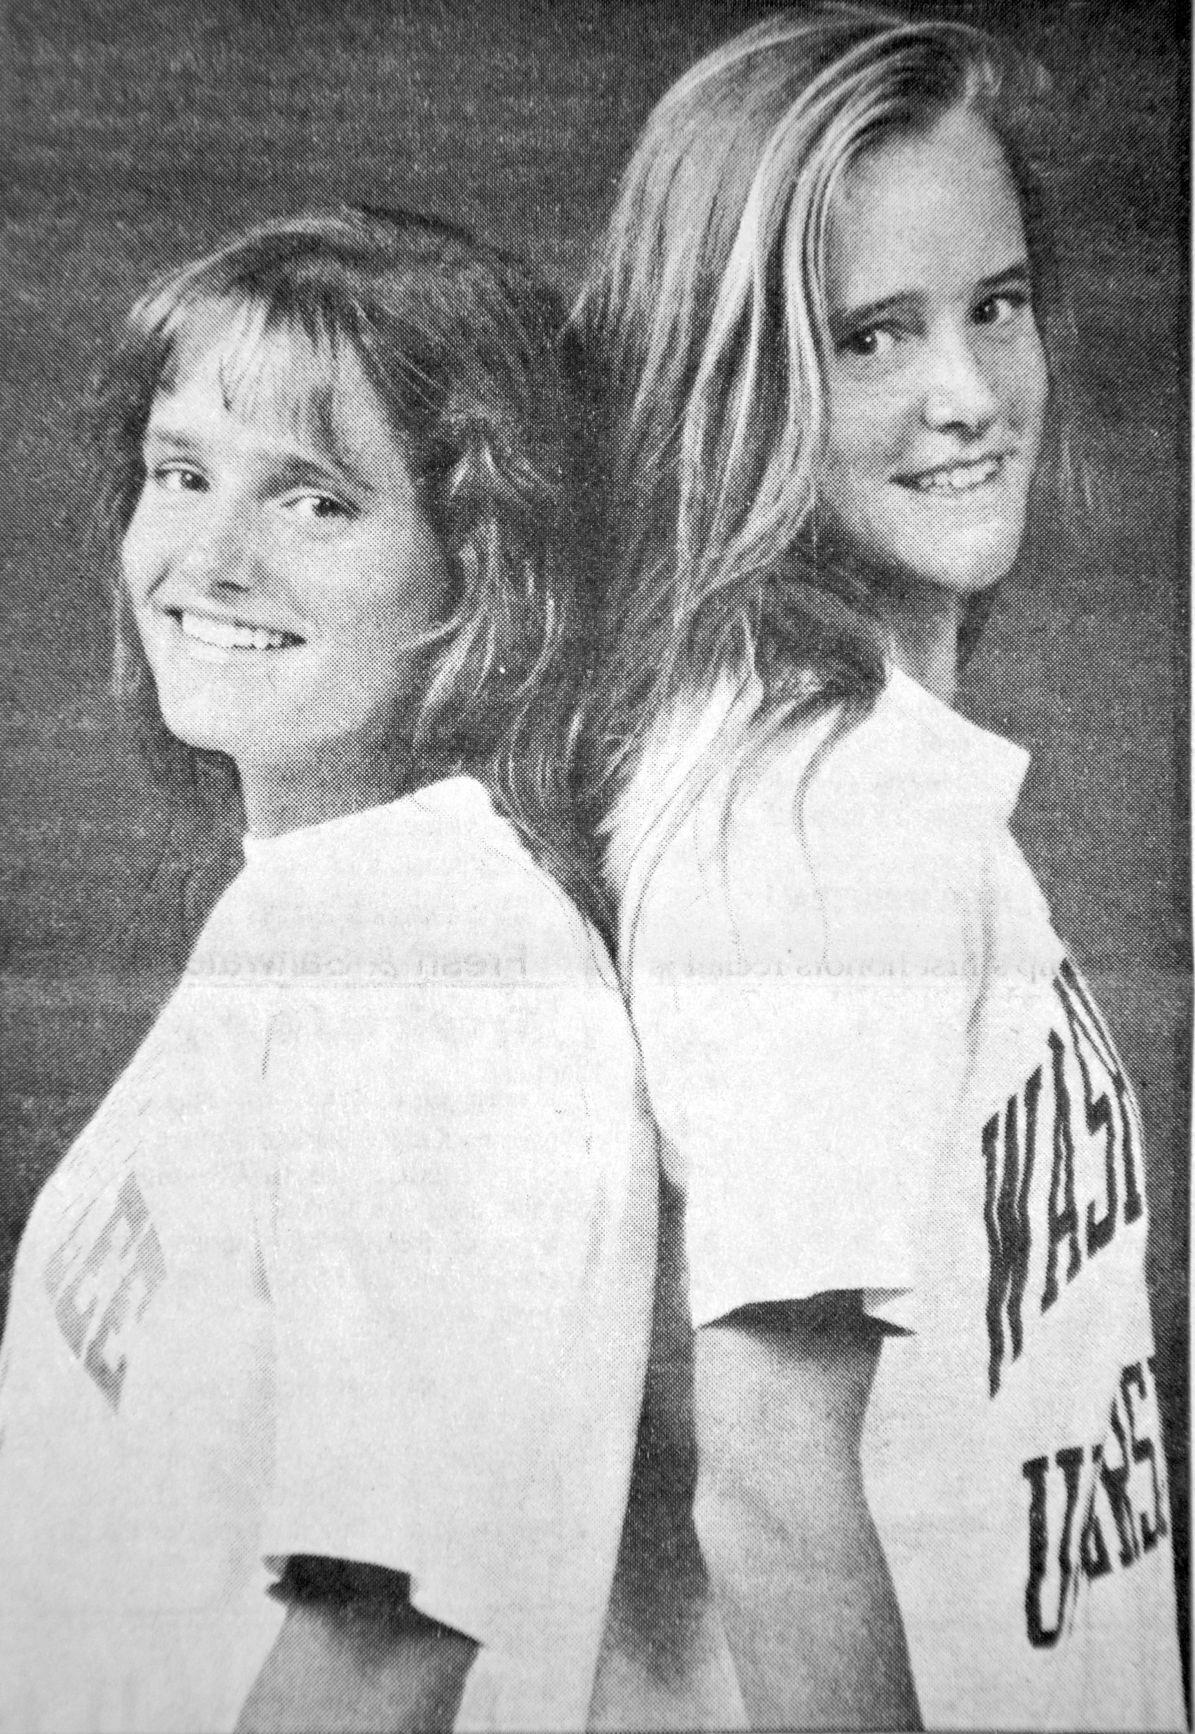 Jodi and Kim Herring